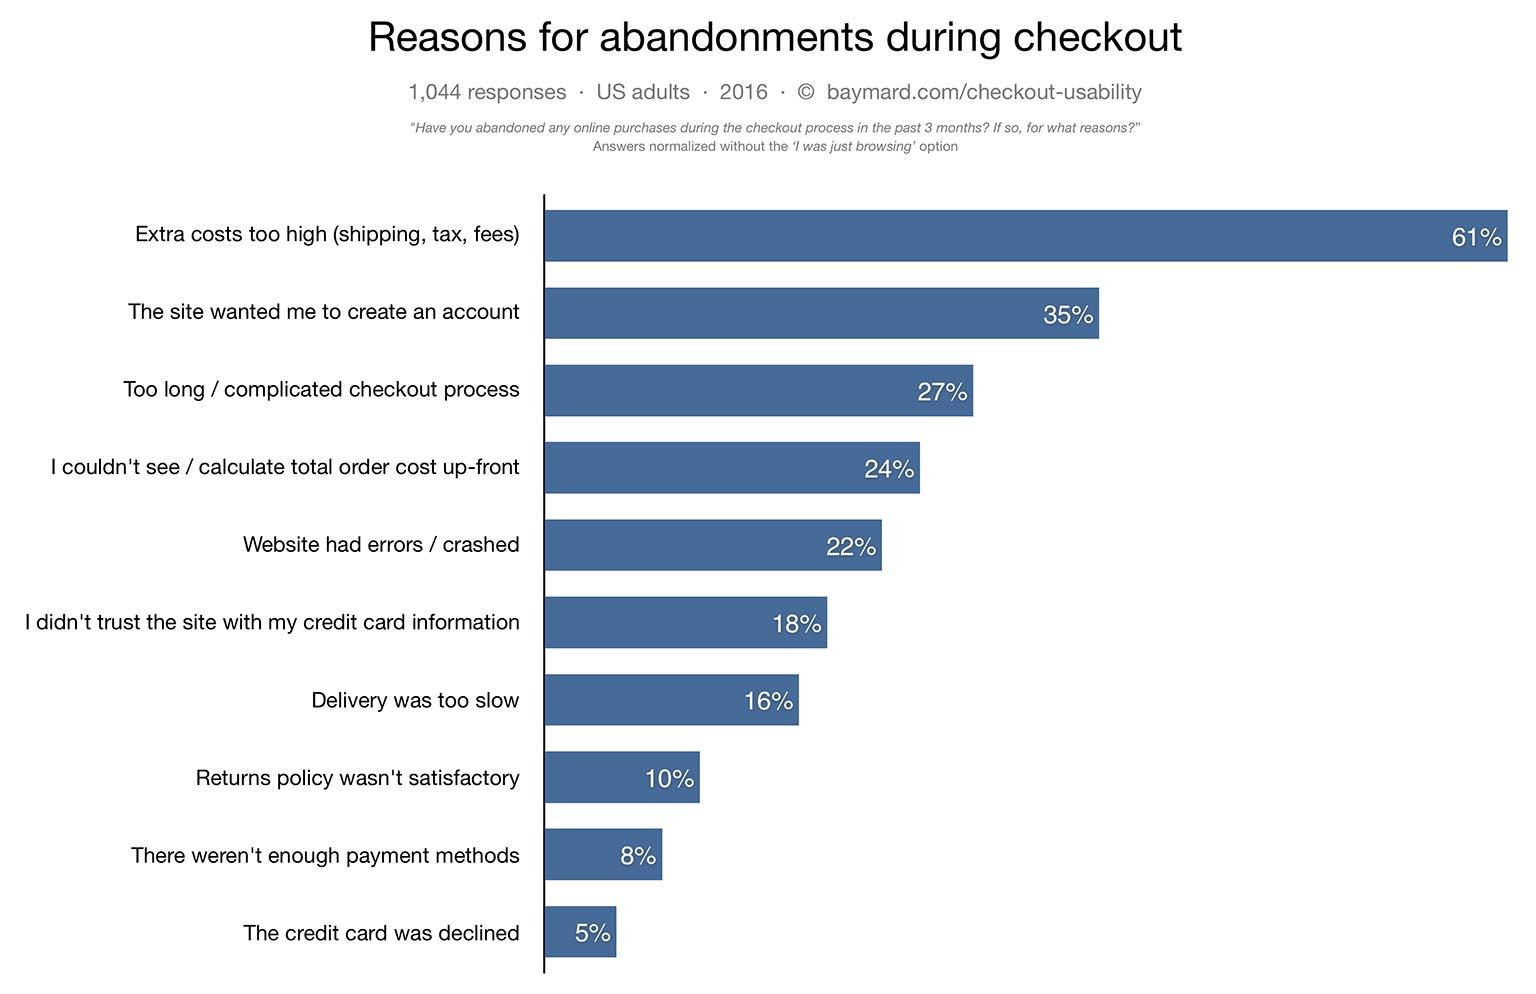 cart-abandonment-reasons